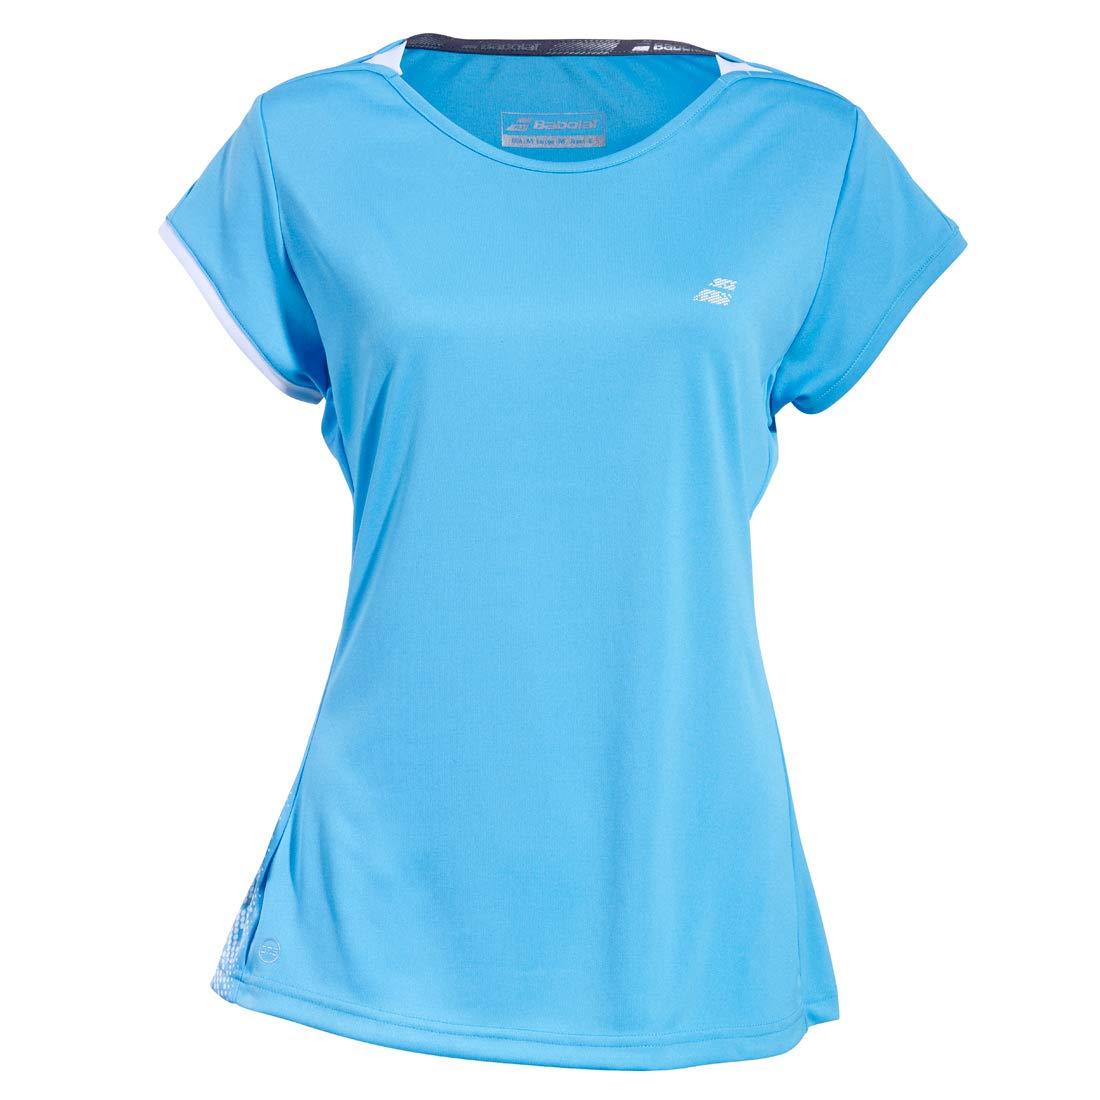 Babolat Girls Performance Lightweight Cap Sleeve Tennis Top